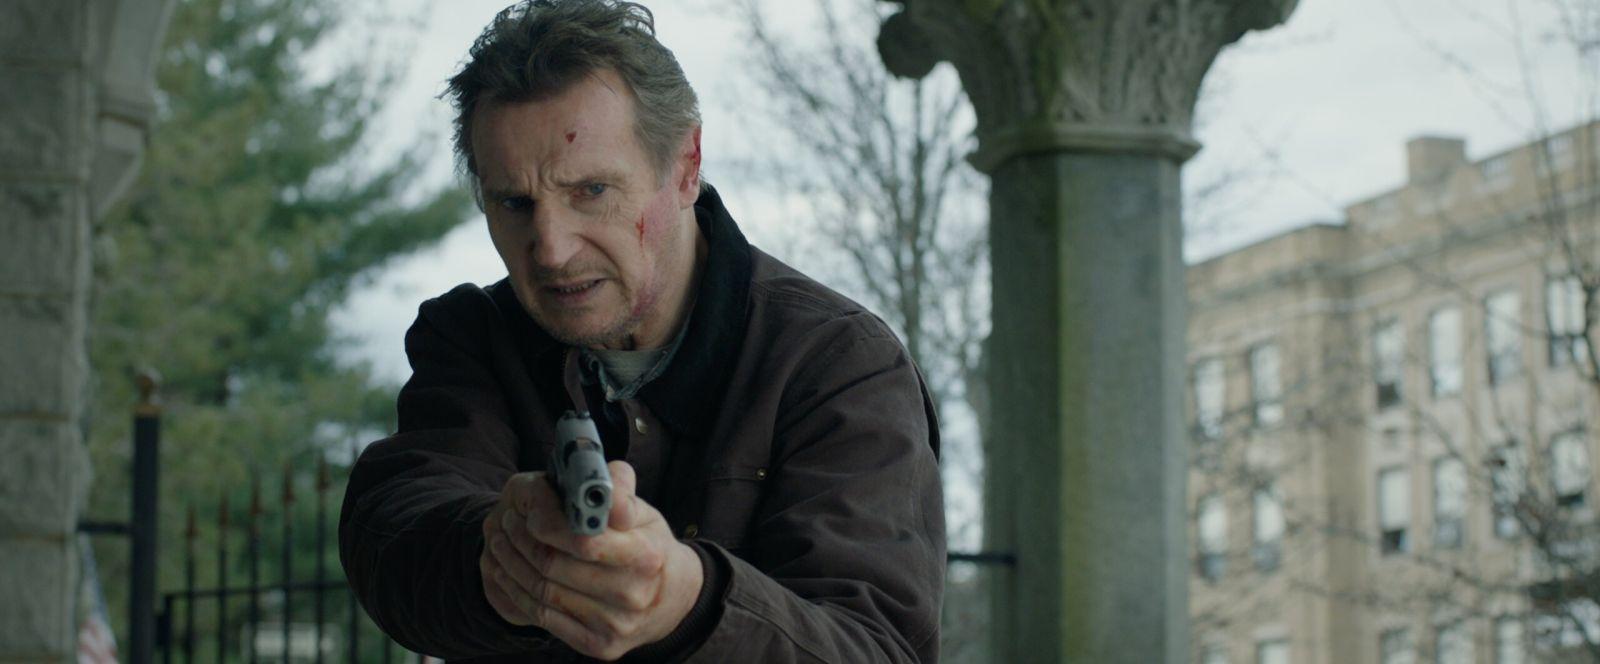 Лиам Нисон в роли Тома Долана на кадре из фильма «Честный вор»